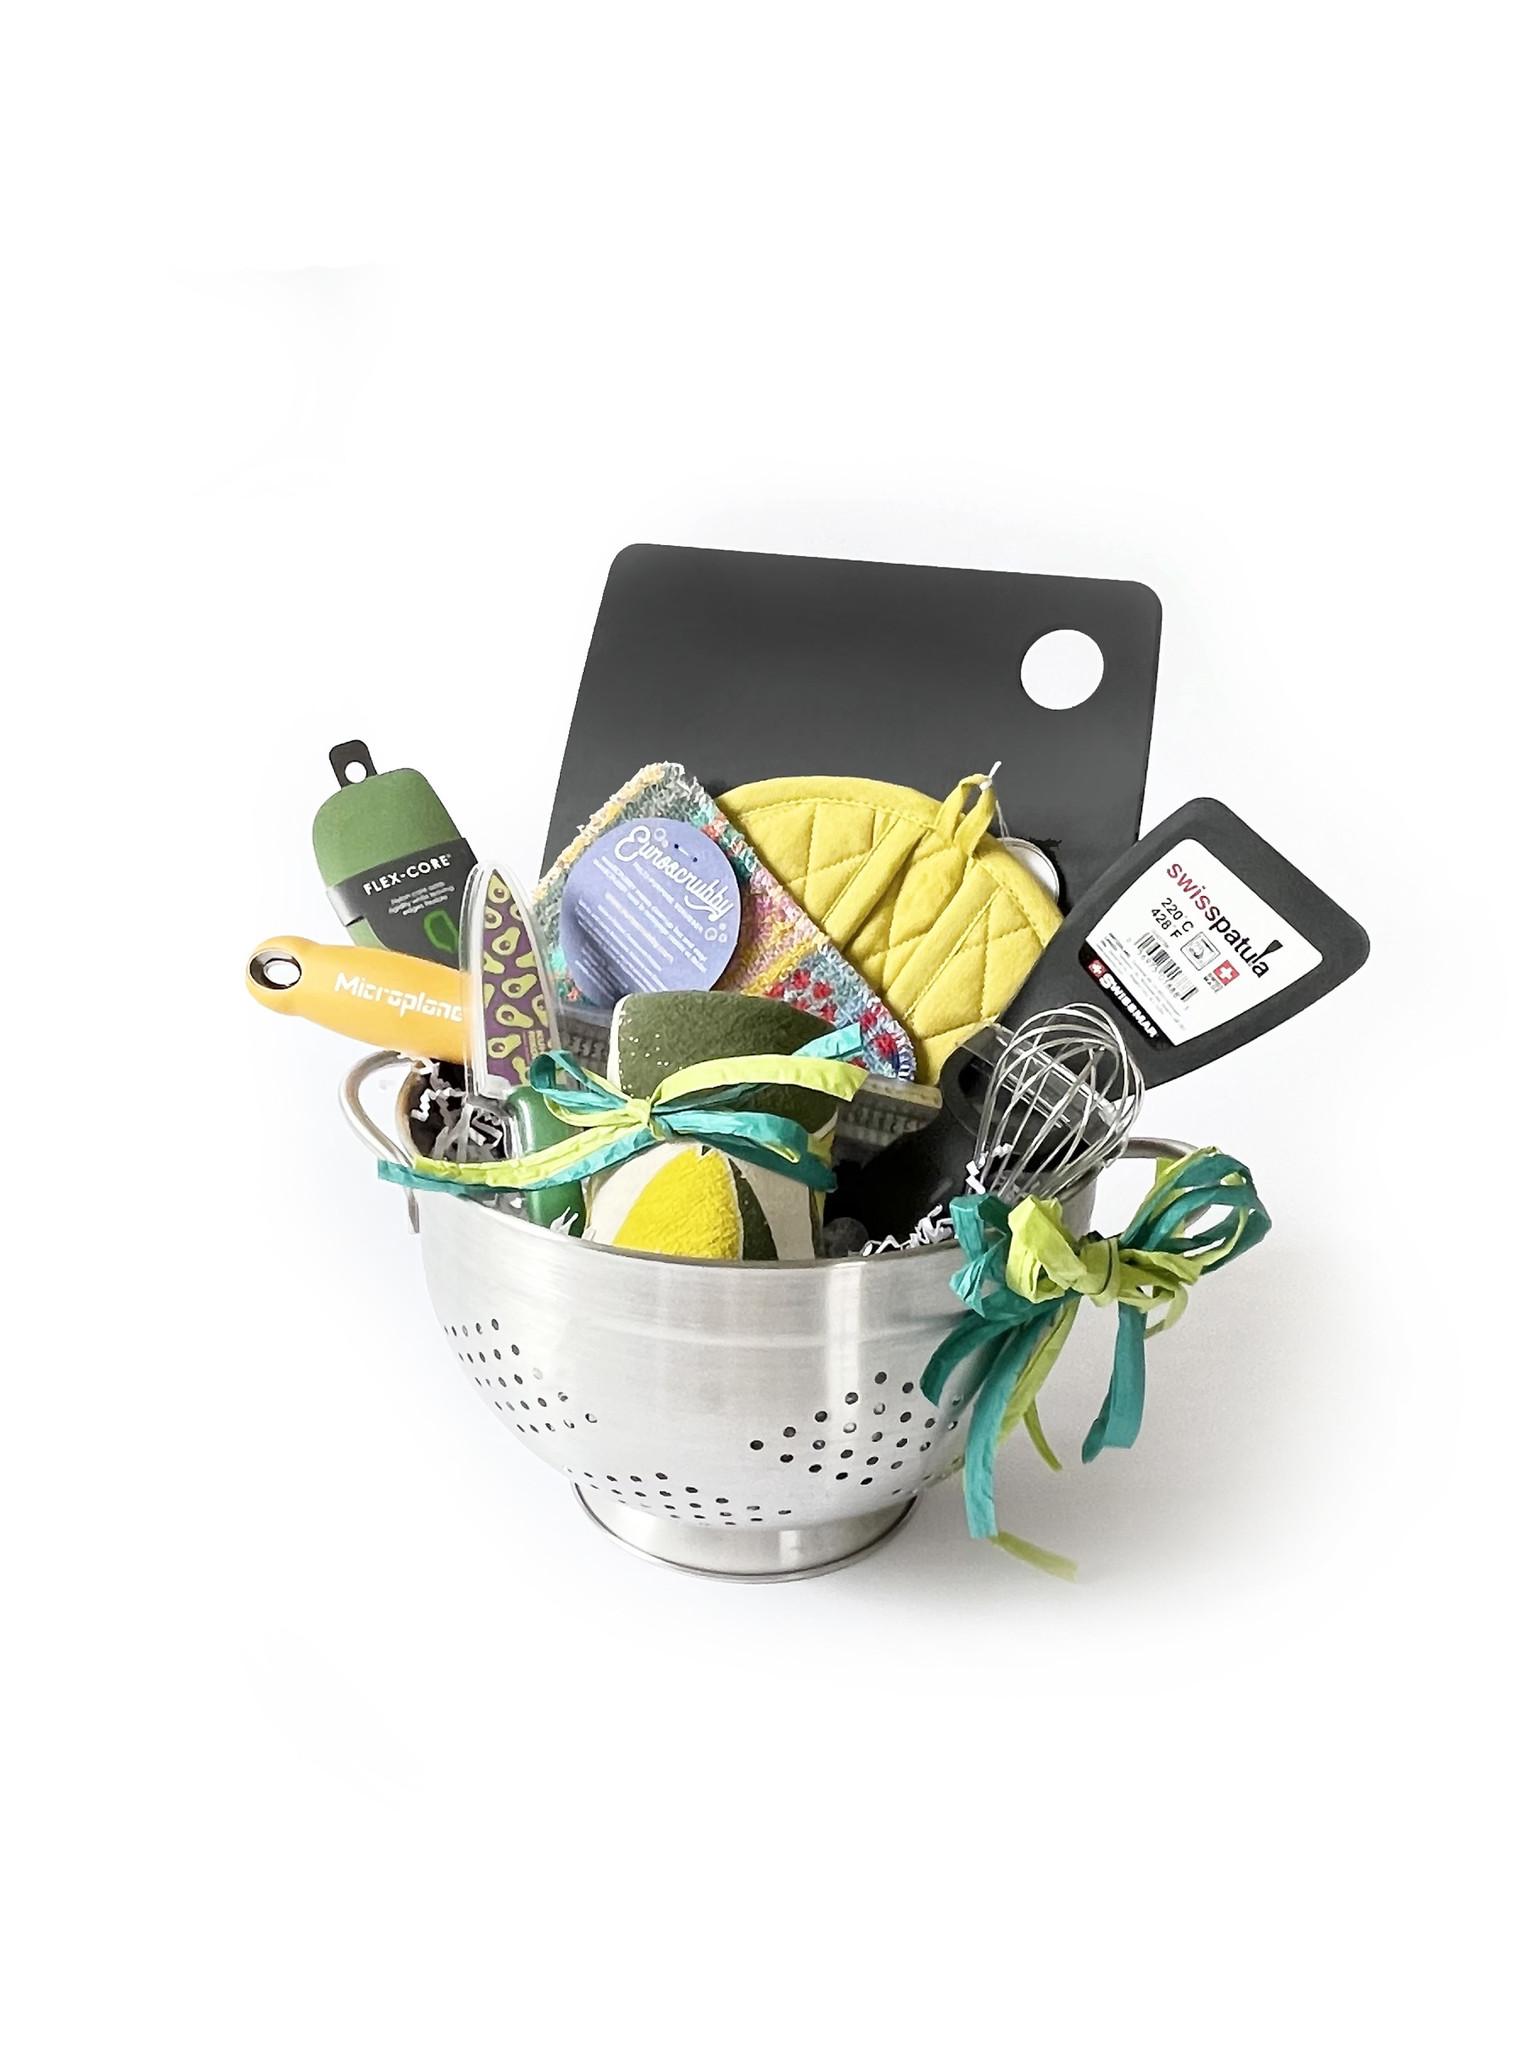 Kitchen Essentials Gift with Colander-1